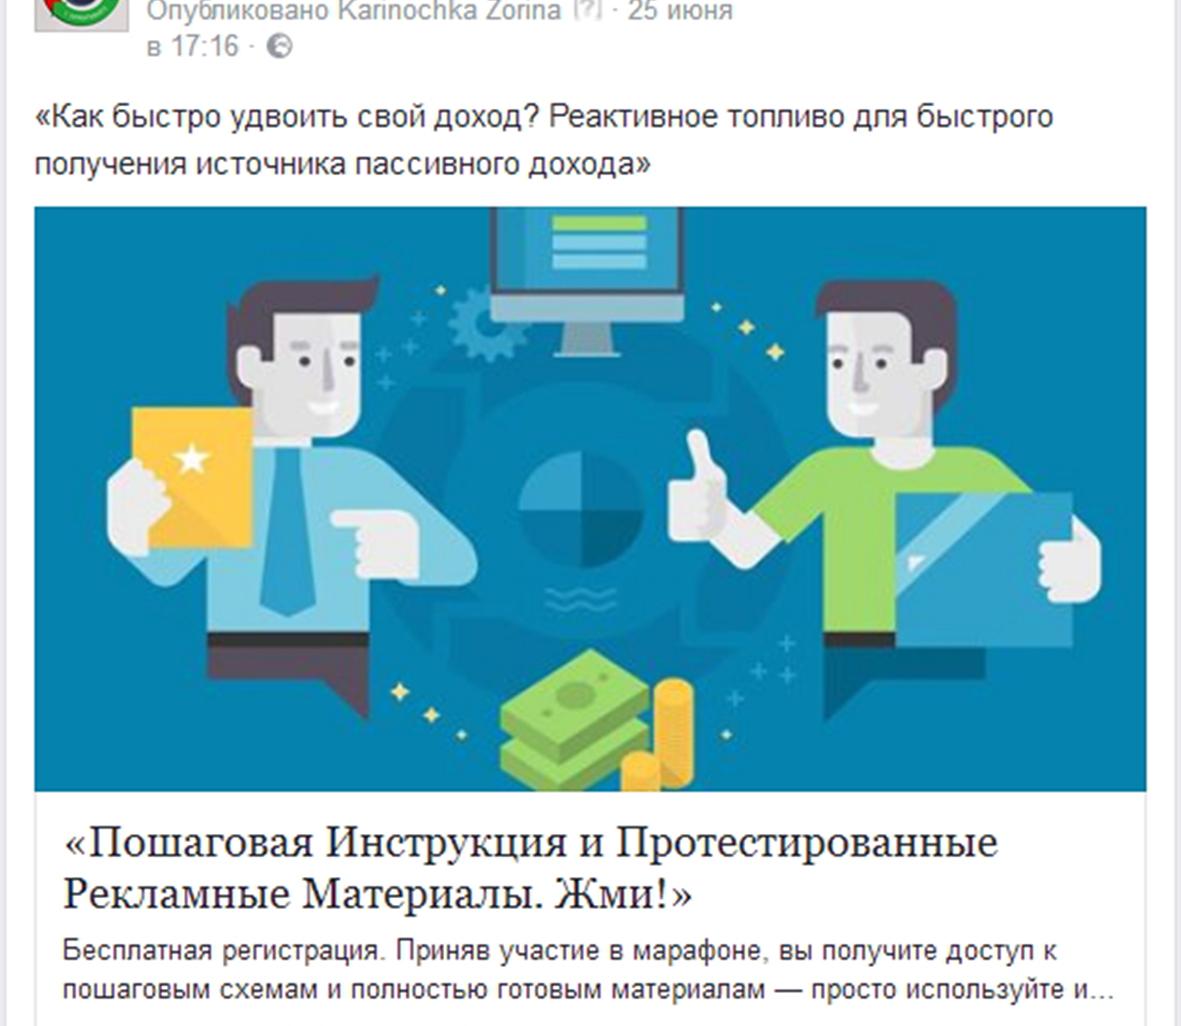 Визуальный пример и пояснение для пользователя, как выглядит рекламное объявление с простой подачей материала.